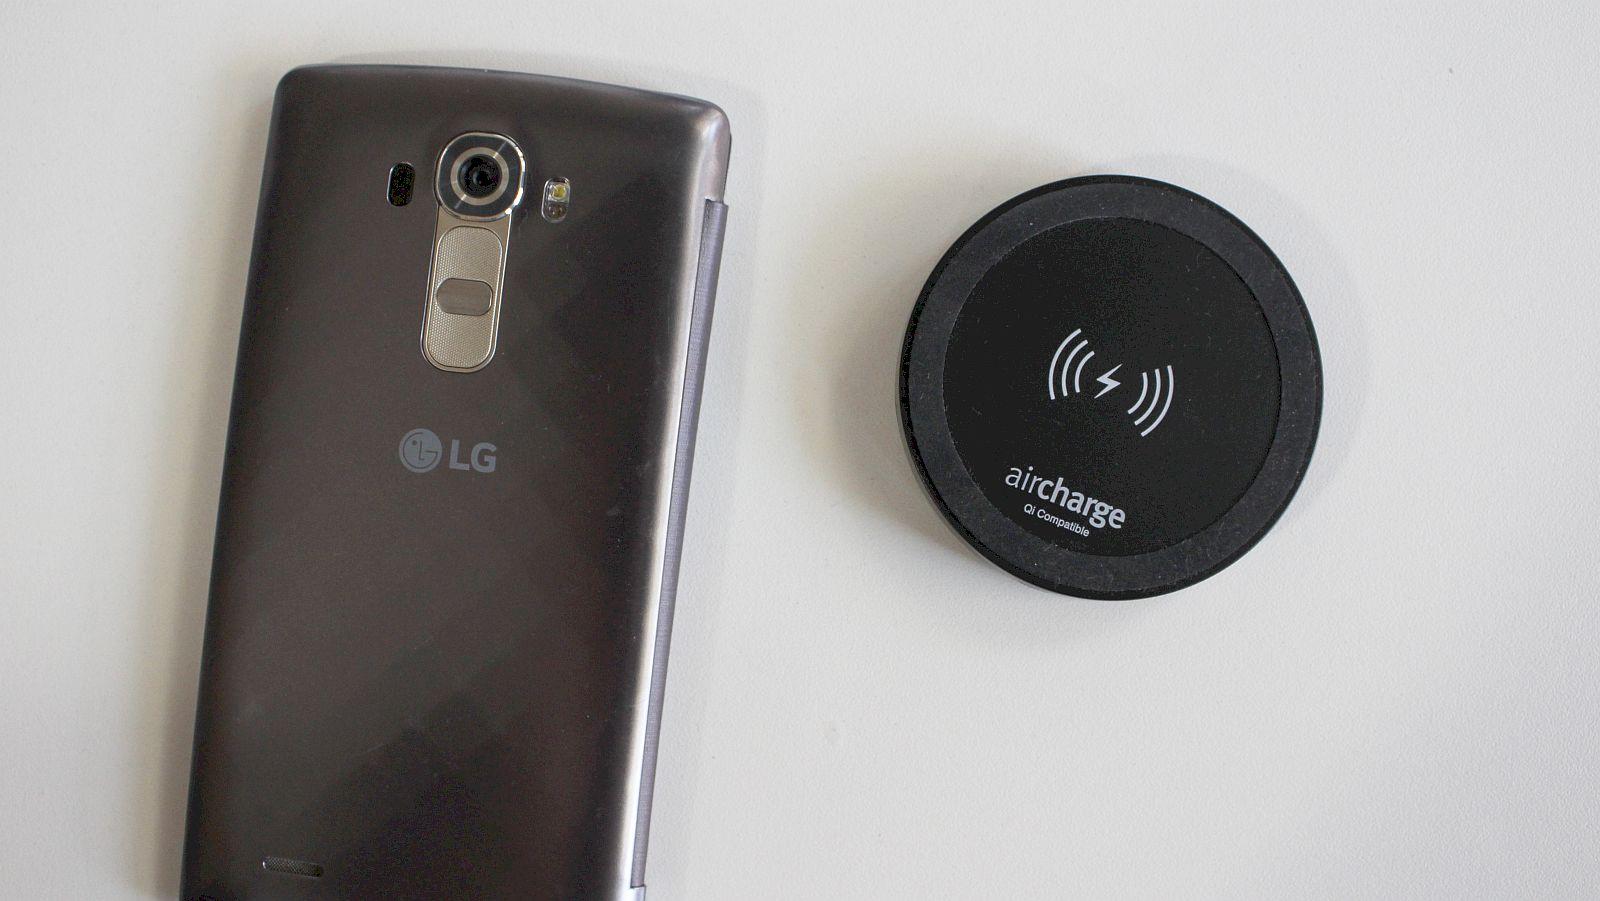 LG G4 Circle Pad Aircharge 5